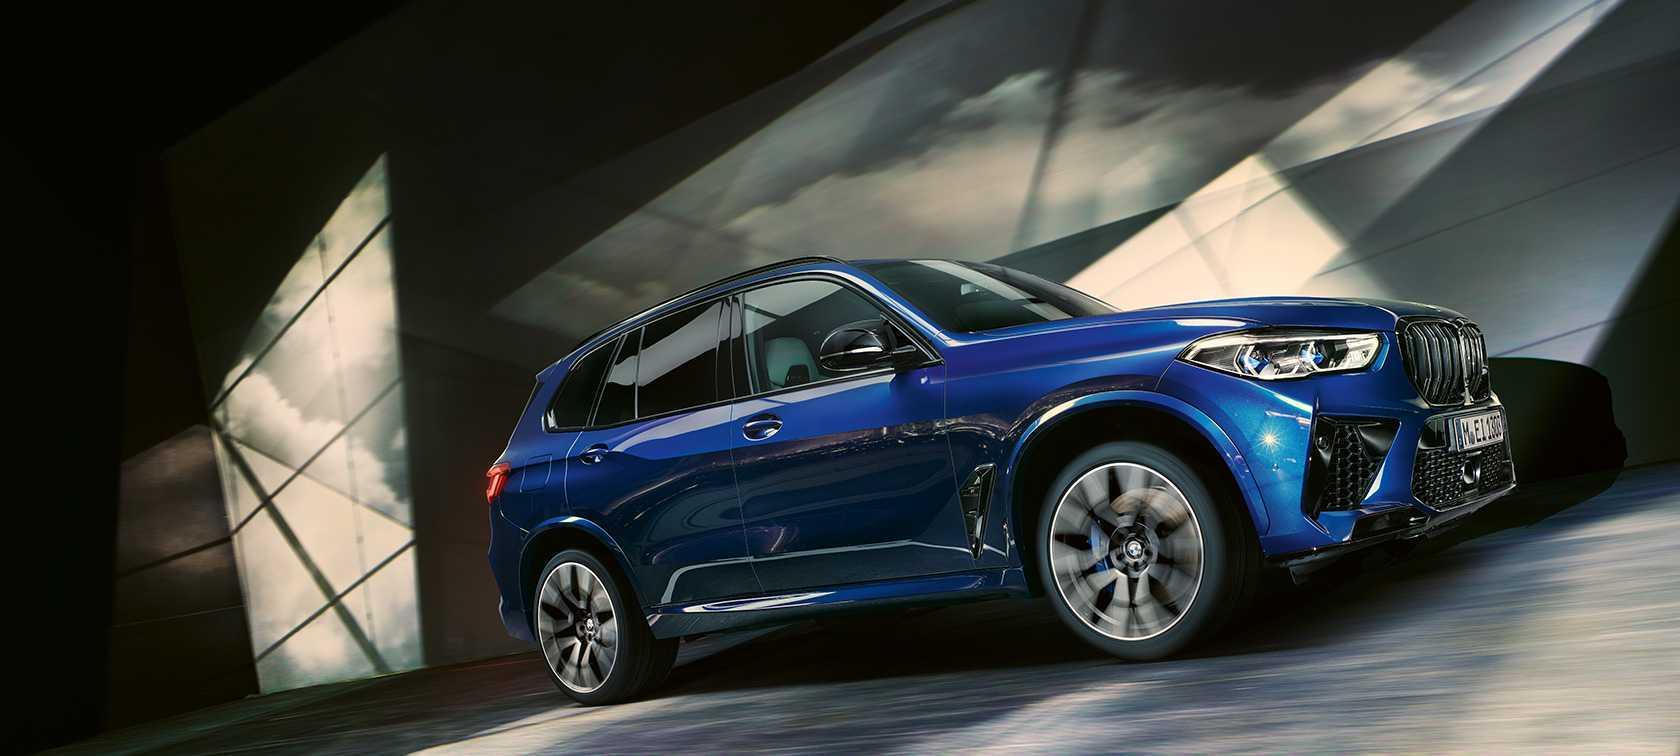 BMW X5 M - описание - характеристика - тест-драйв - фото